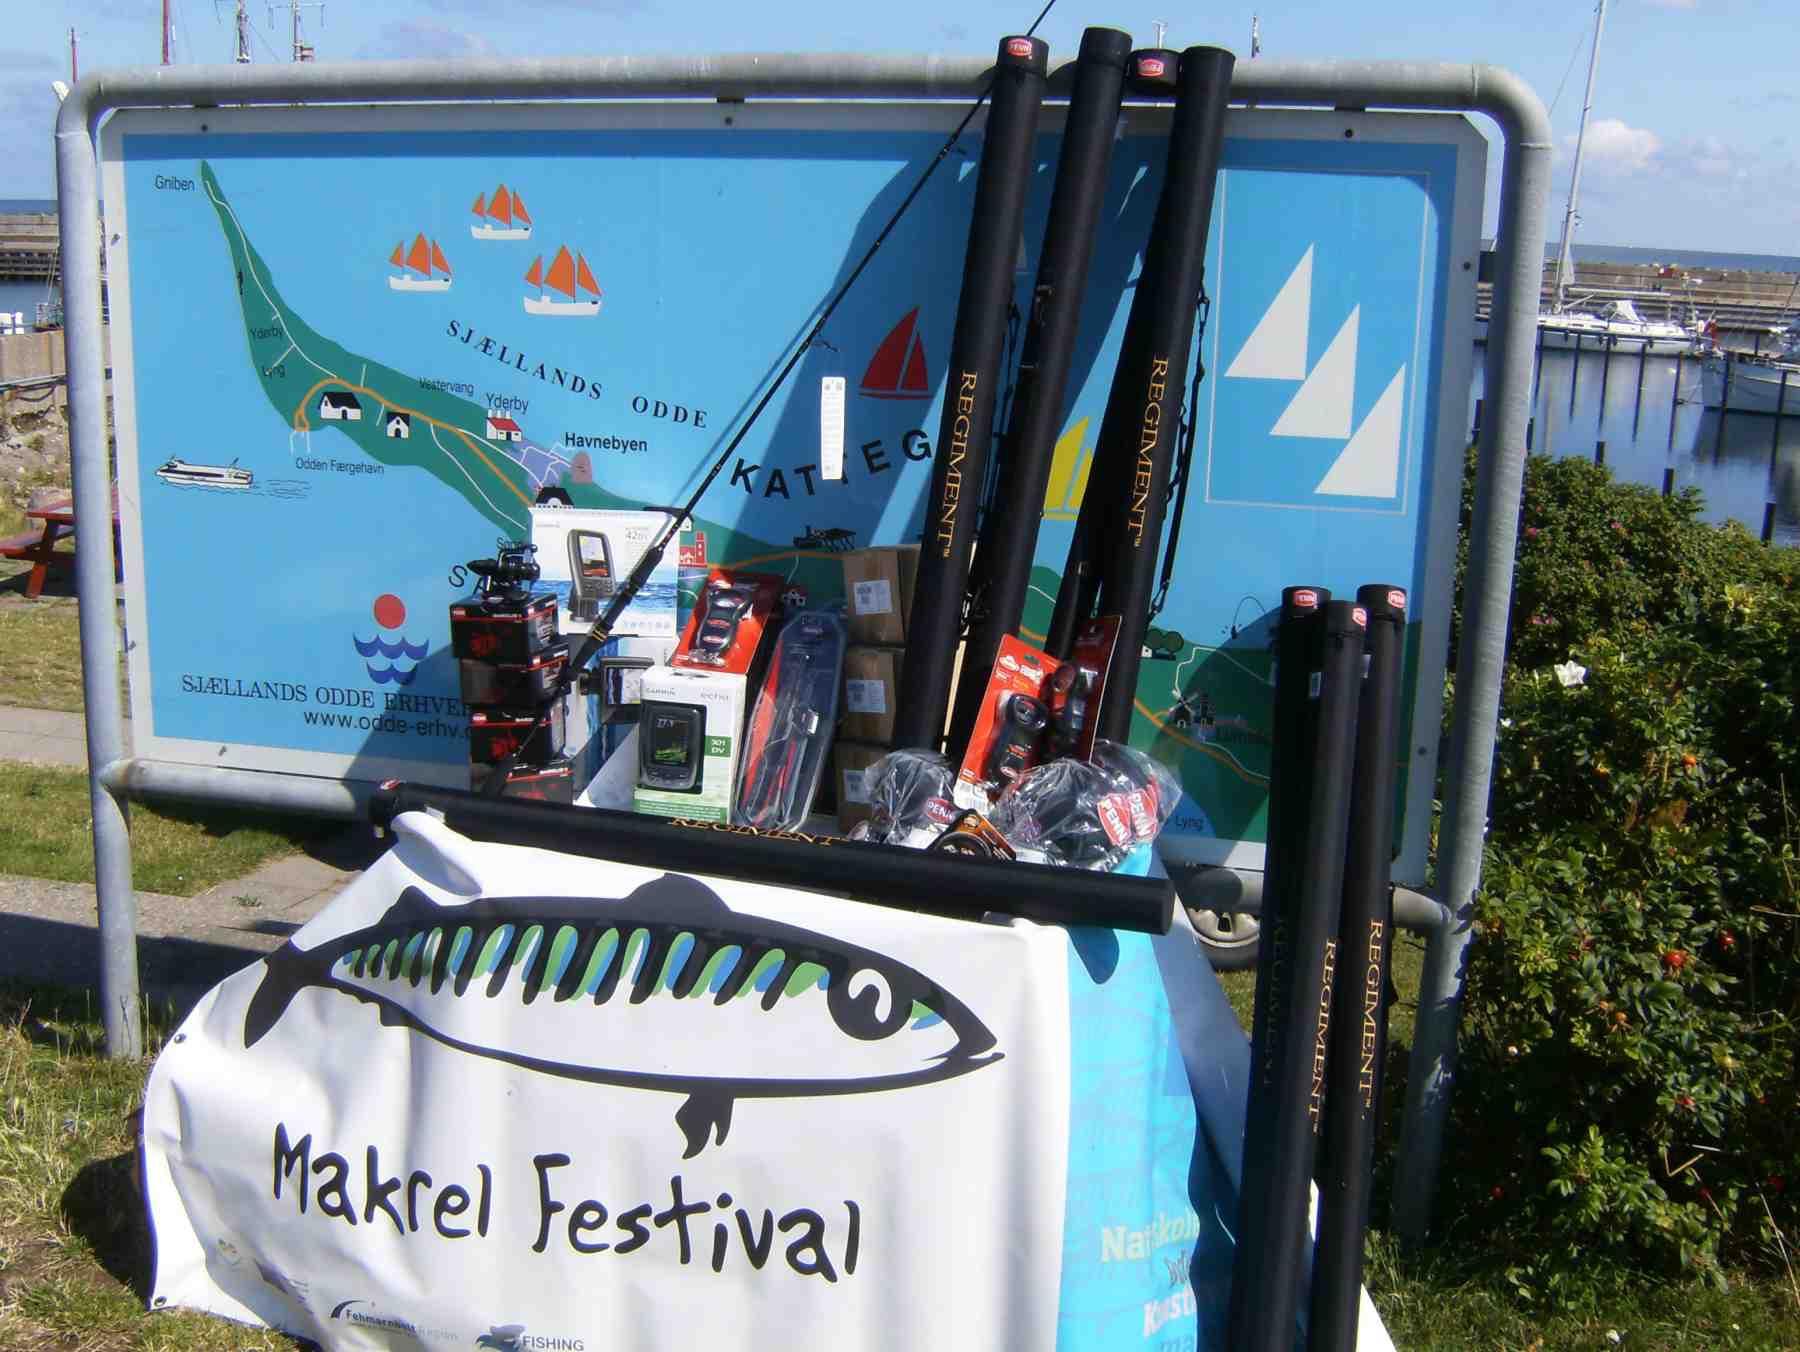 Der er utroligt flotte præmier til dem, der fanger DM i Makrelfiskeris største makreller. Præmierne er sponsoreret af Garmin og Penn.